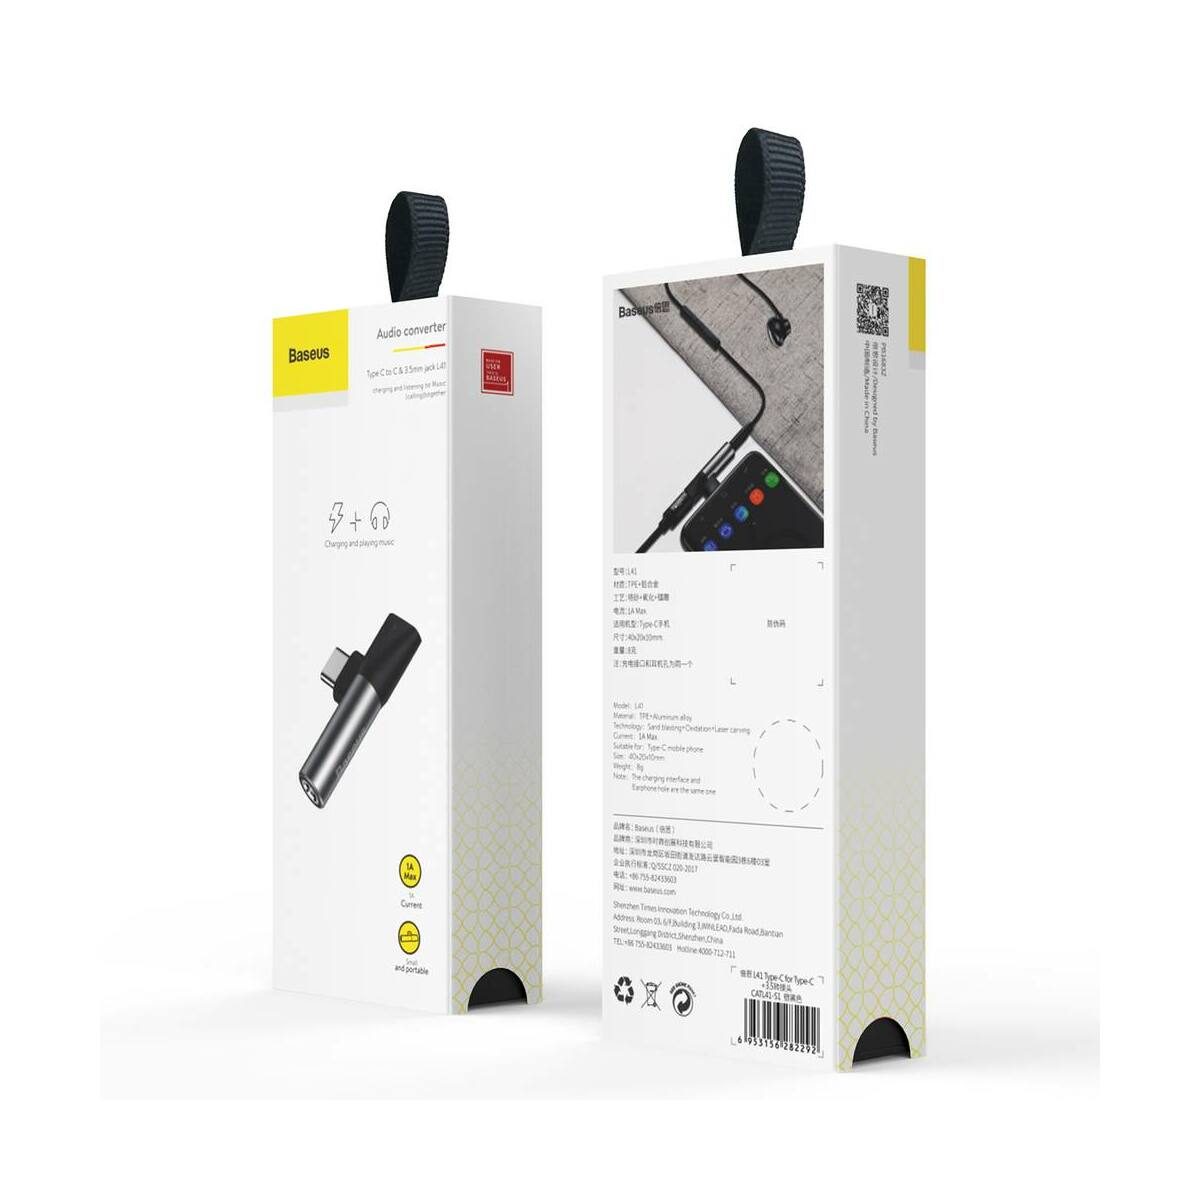 Baseus átalakító, L41 Type-C (bemenet) - Type-C + 3.5 mm, csatlakozó, ezüst/fekete (CATL41-S1)